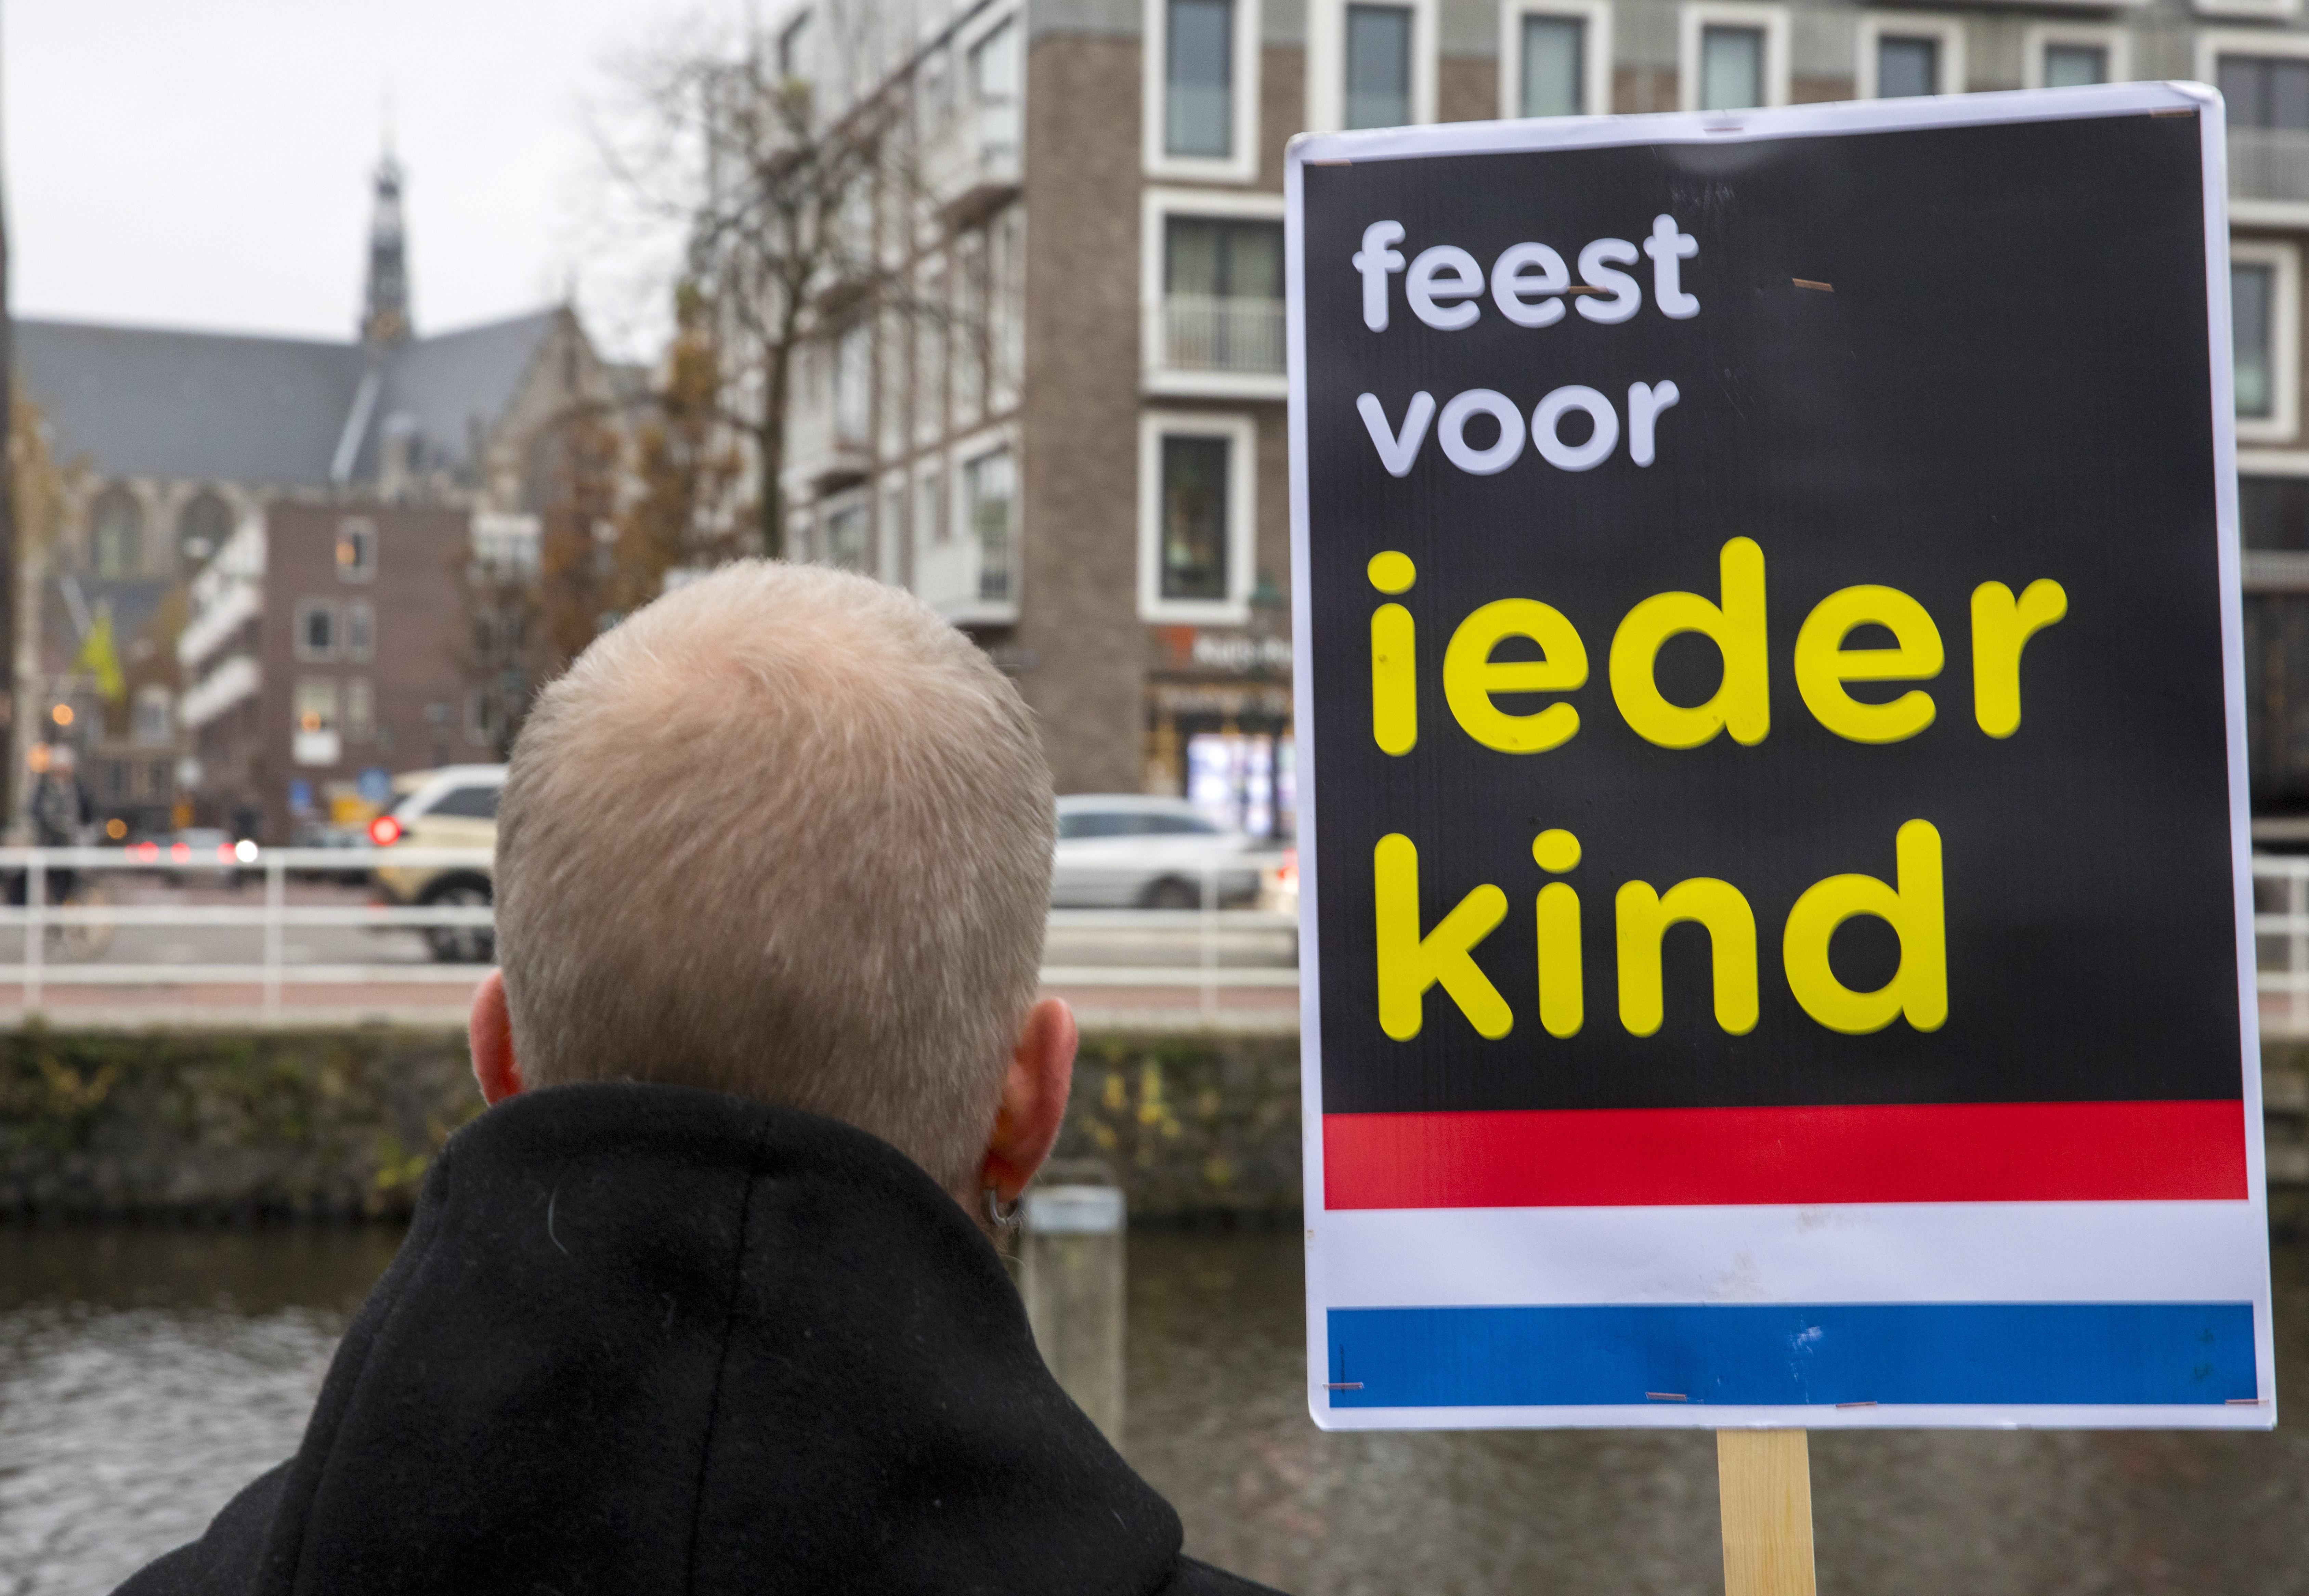 Vol verwachting klopt ons hart. De spanning stijgt. Kick Out Zwarte Piet staat klaar voor de intocht van Sinterklaas in Alkmaar